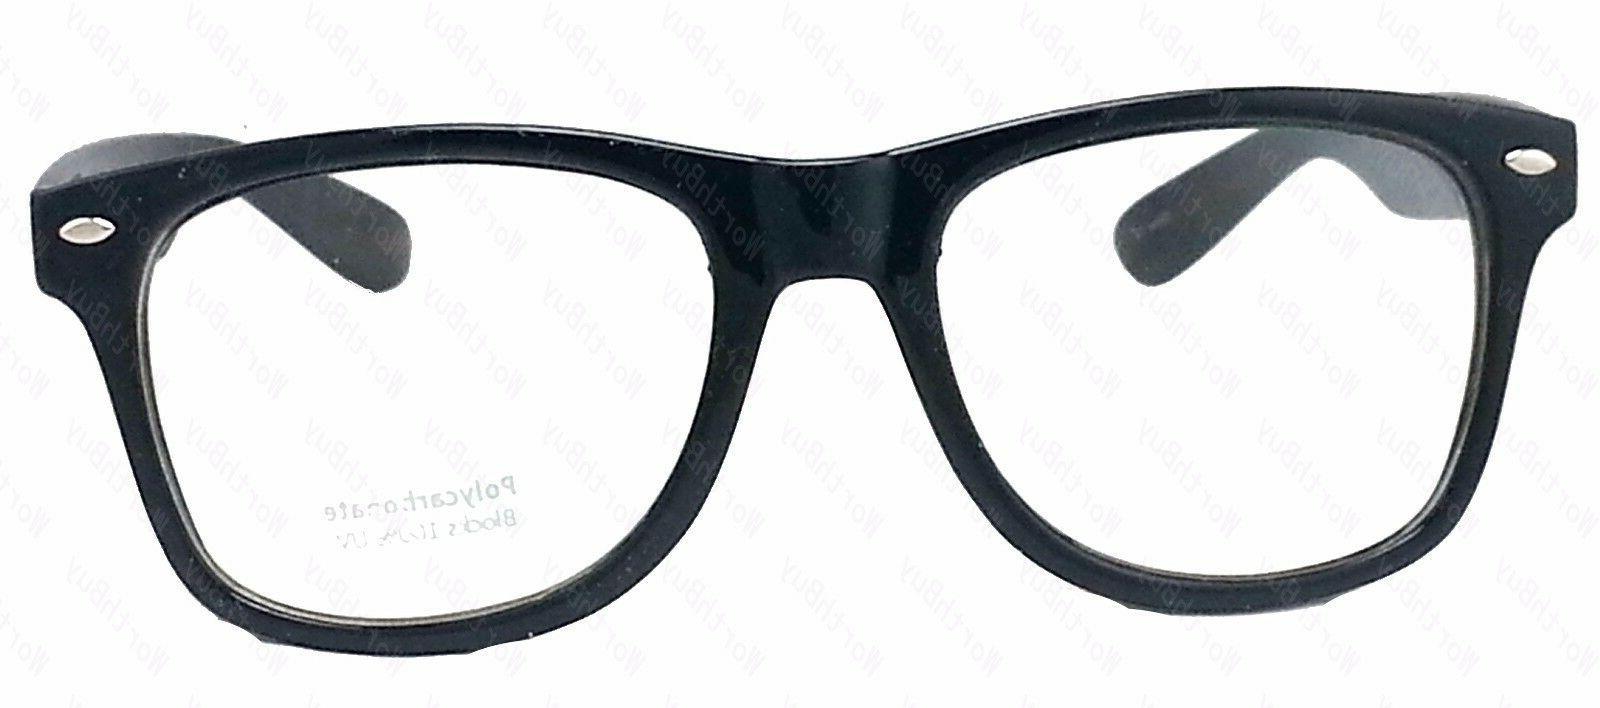 New Mens Lens Cat Black Frame Fashion Glasses